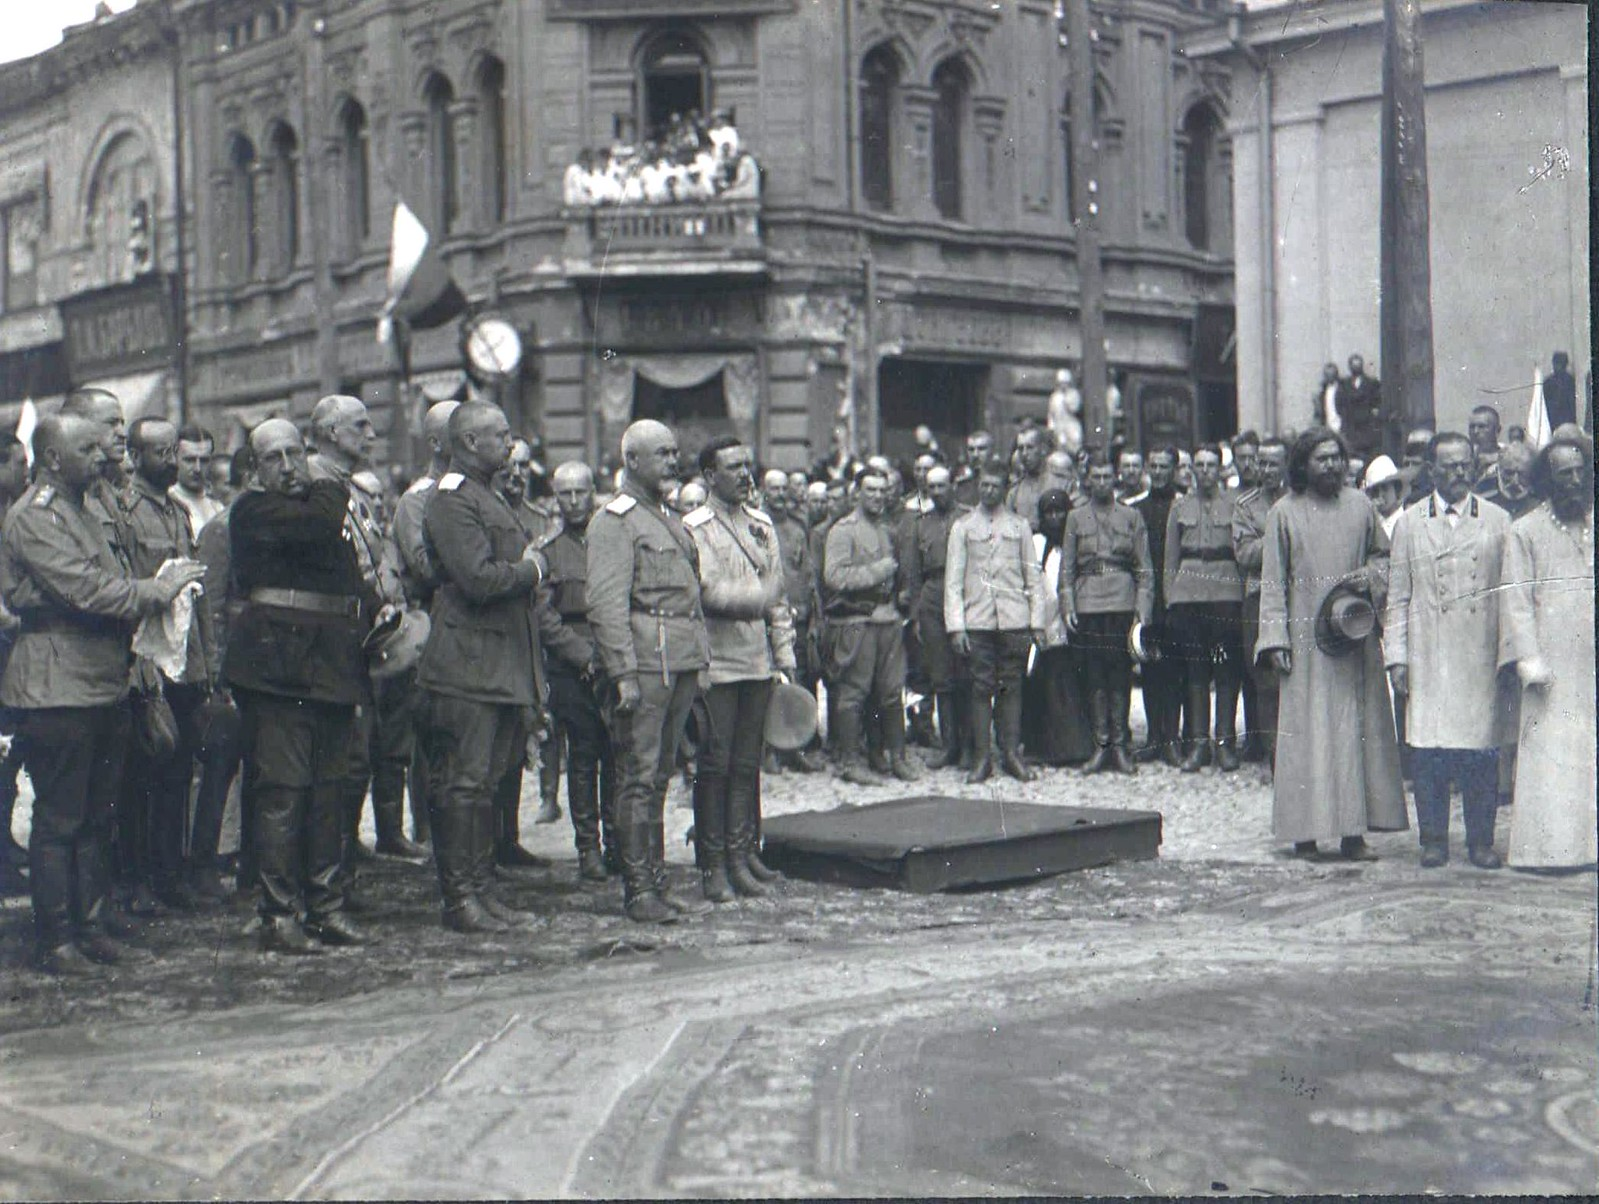 172. 1919. Генерал А.И. Деникин со штабом перед молебном. Харьков